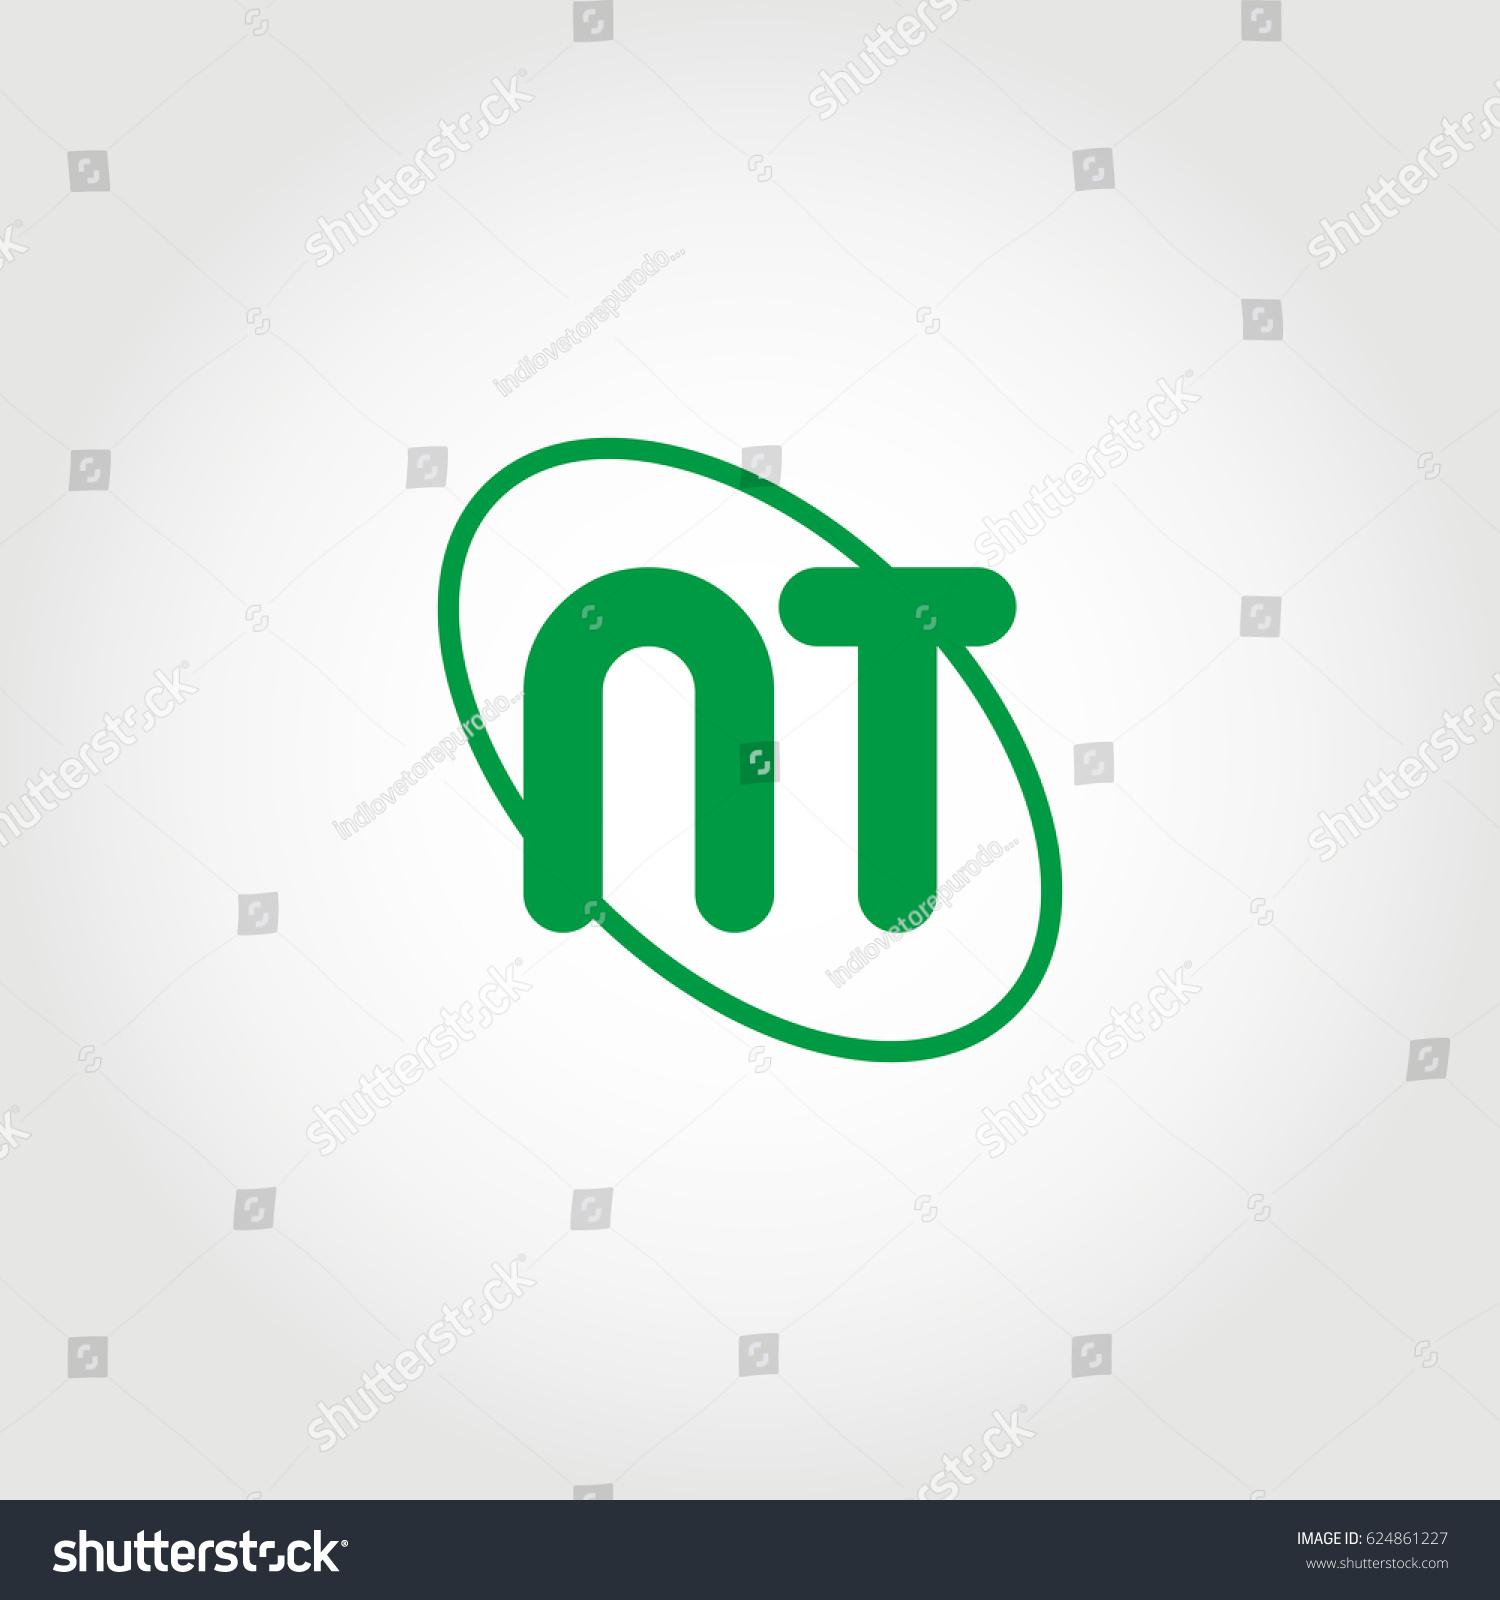 Initial Letter Nt Logo Green On Stock Vector 624861227 Shutterstock